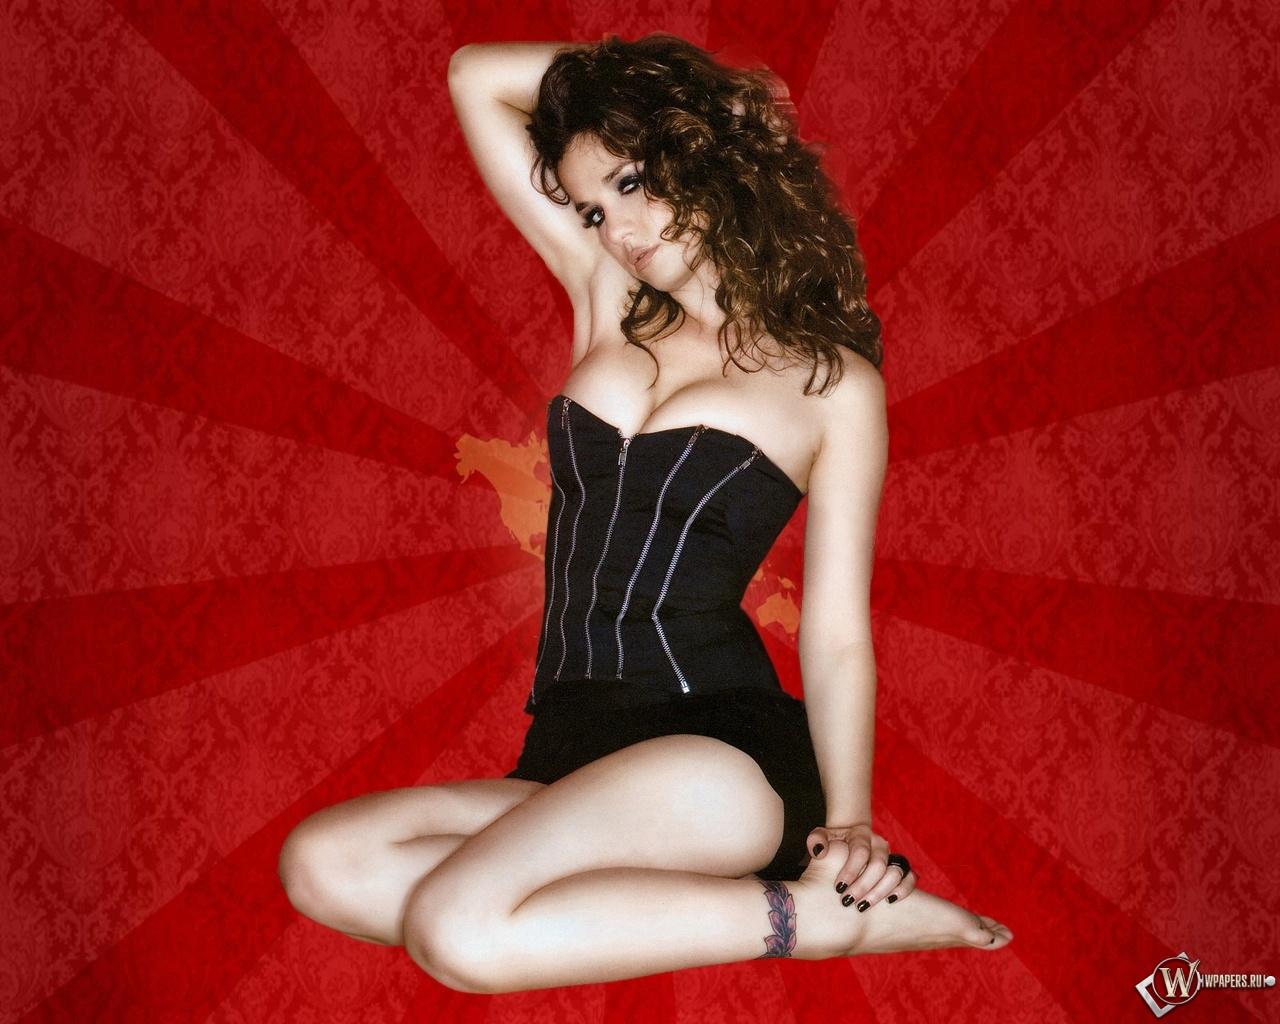 Natalia Oreiro 1280x1024